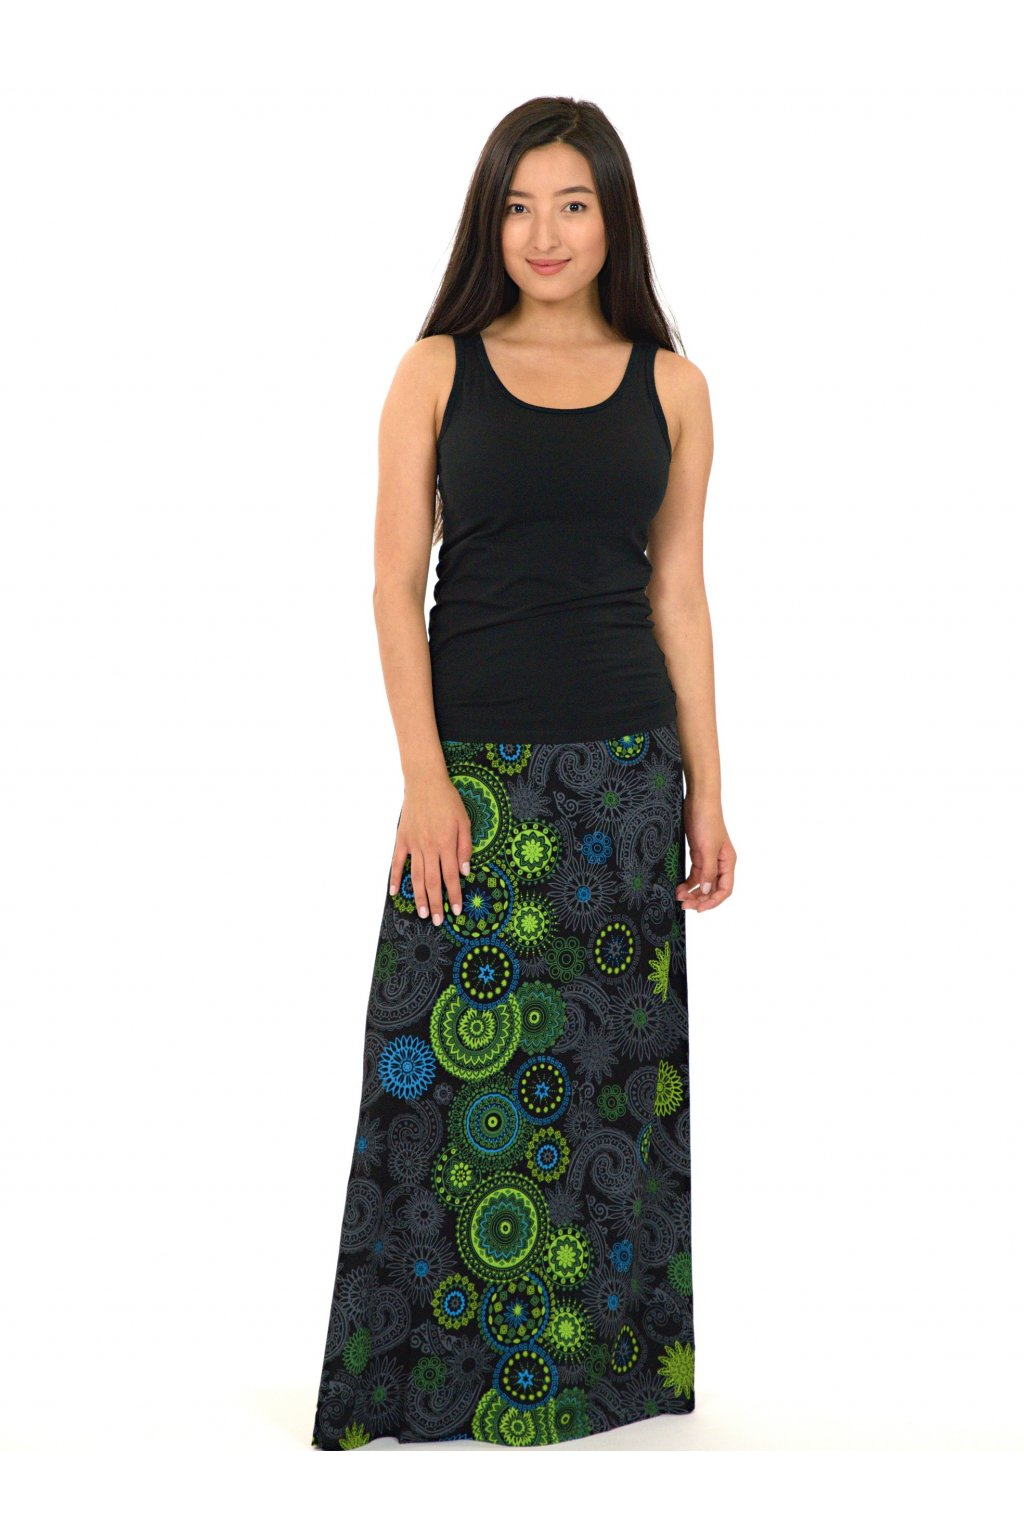 Dlouhá sukně Savai - černá s limetkovou